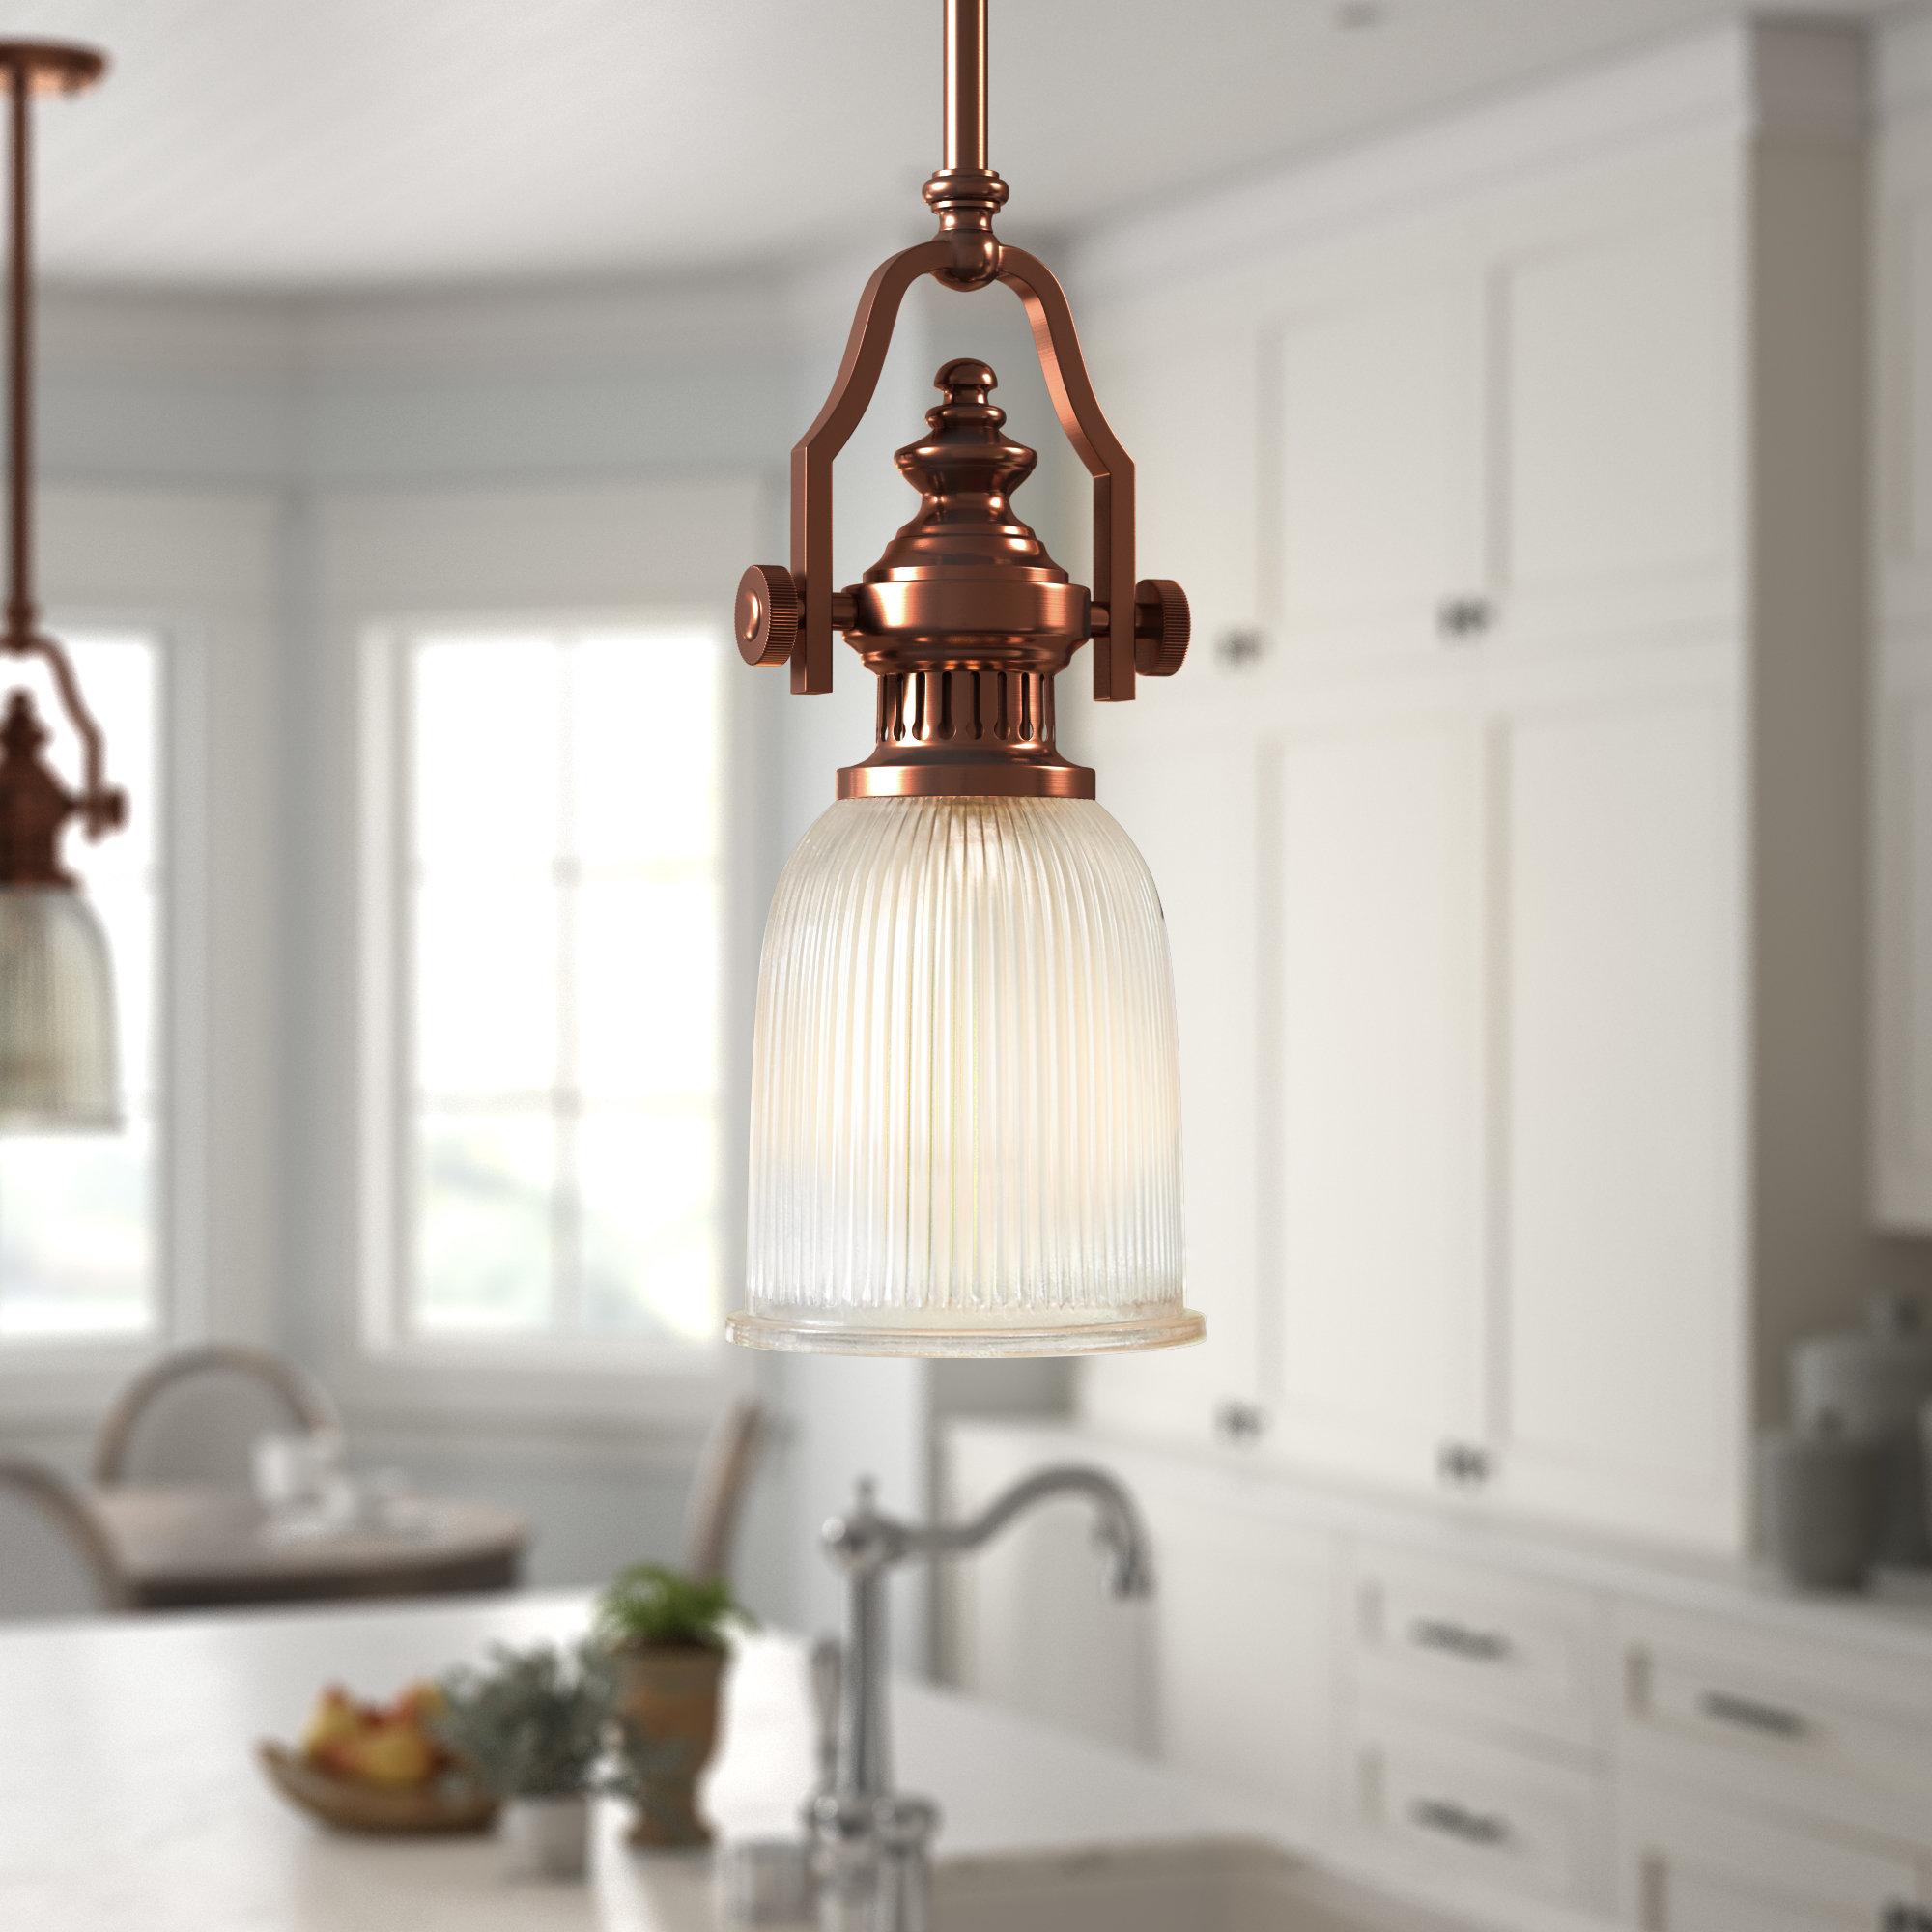 Erico 1 Light Single Bell Pendant Intended For Erico 1 Light Single Bell Pendants (Gallery 1 of 30)